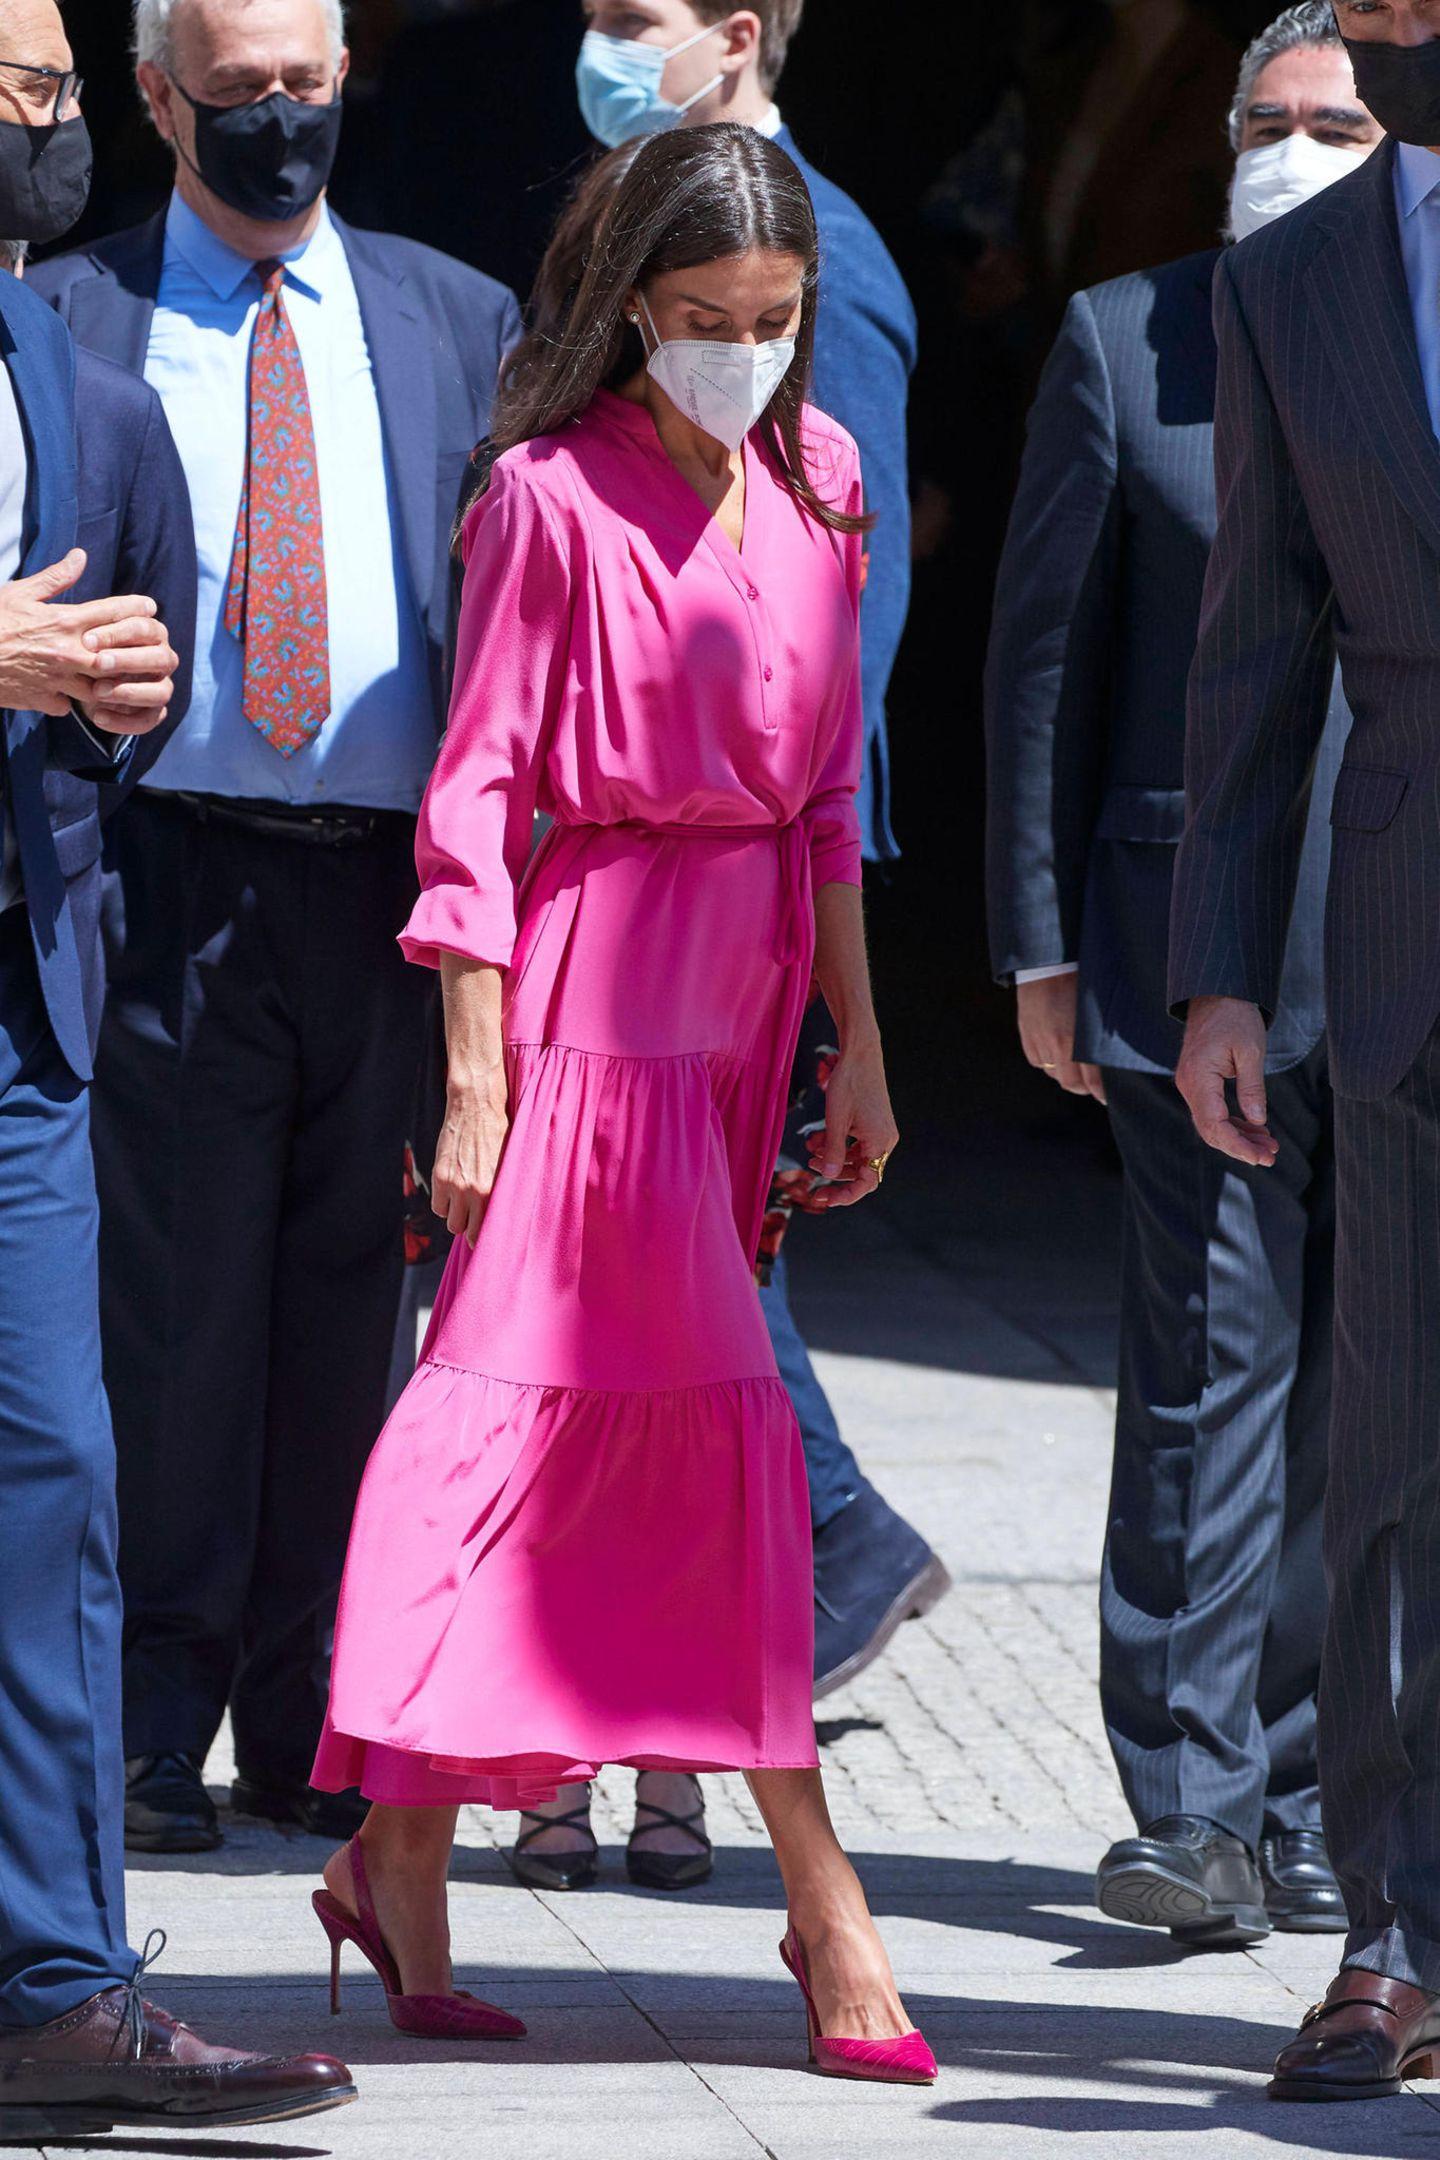 Pretty in Pink: Königin Letizia ist in ihrem knalligen Sommerkleid von Boss bei dem Besuch einer Ausstellungseröffnung in Madrid nicht zu übersehen. Kombiniertmit stylischen Sling Heels von Carolina Herrera wird daraus ein richtig royaler Gute-Laune-Look.